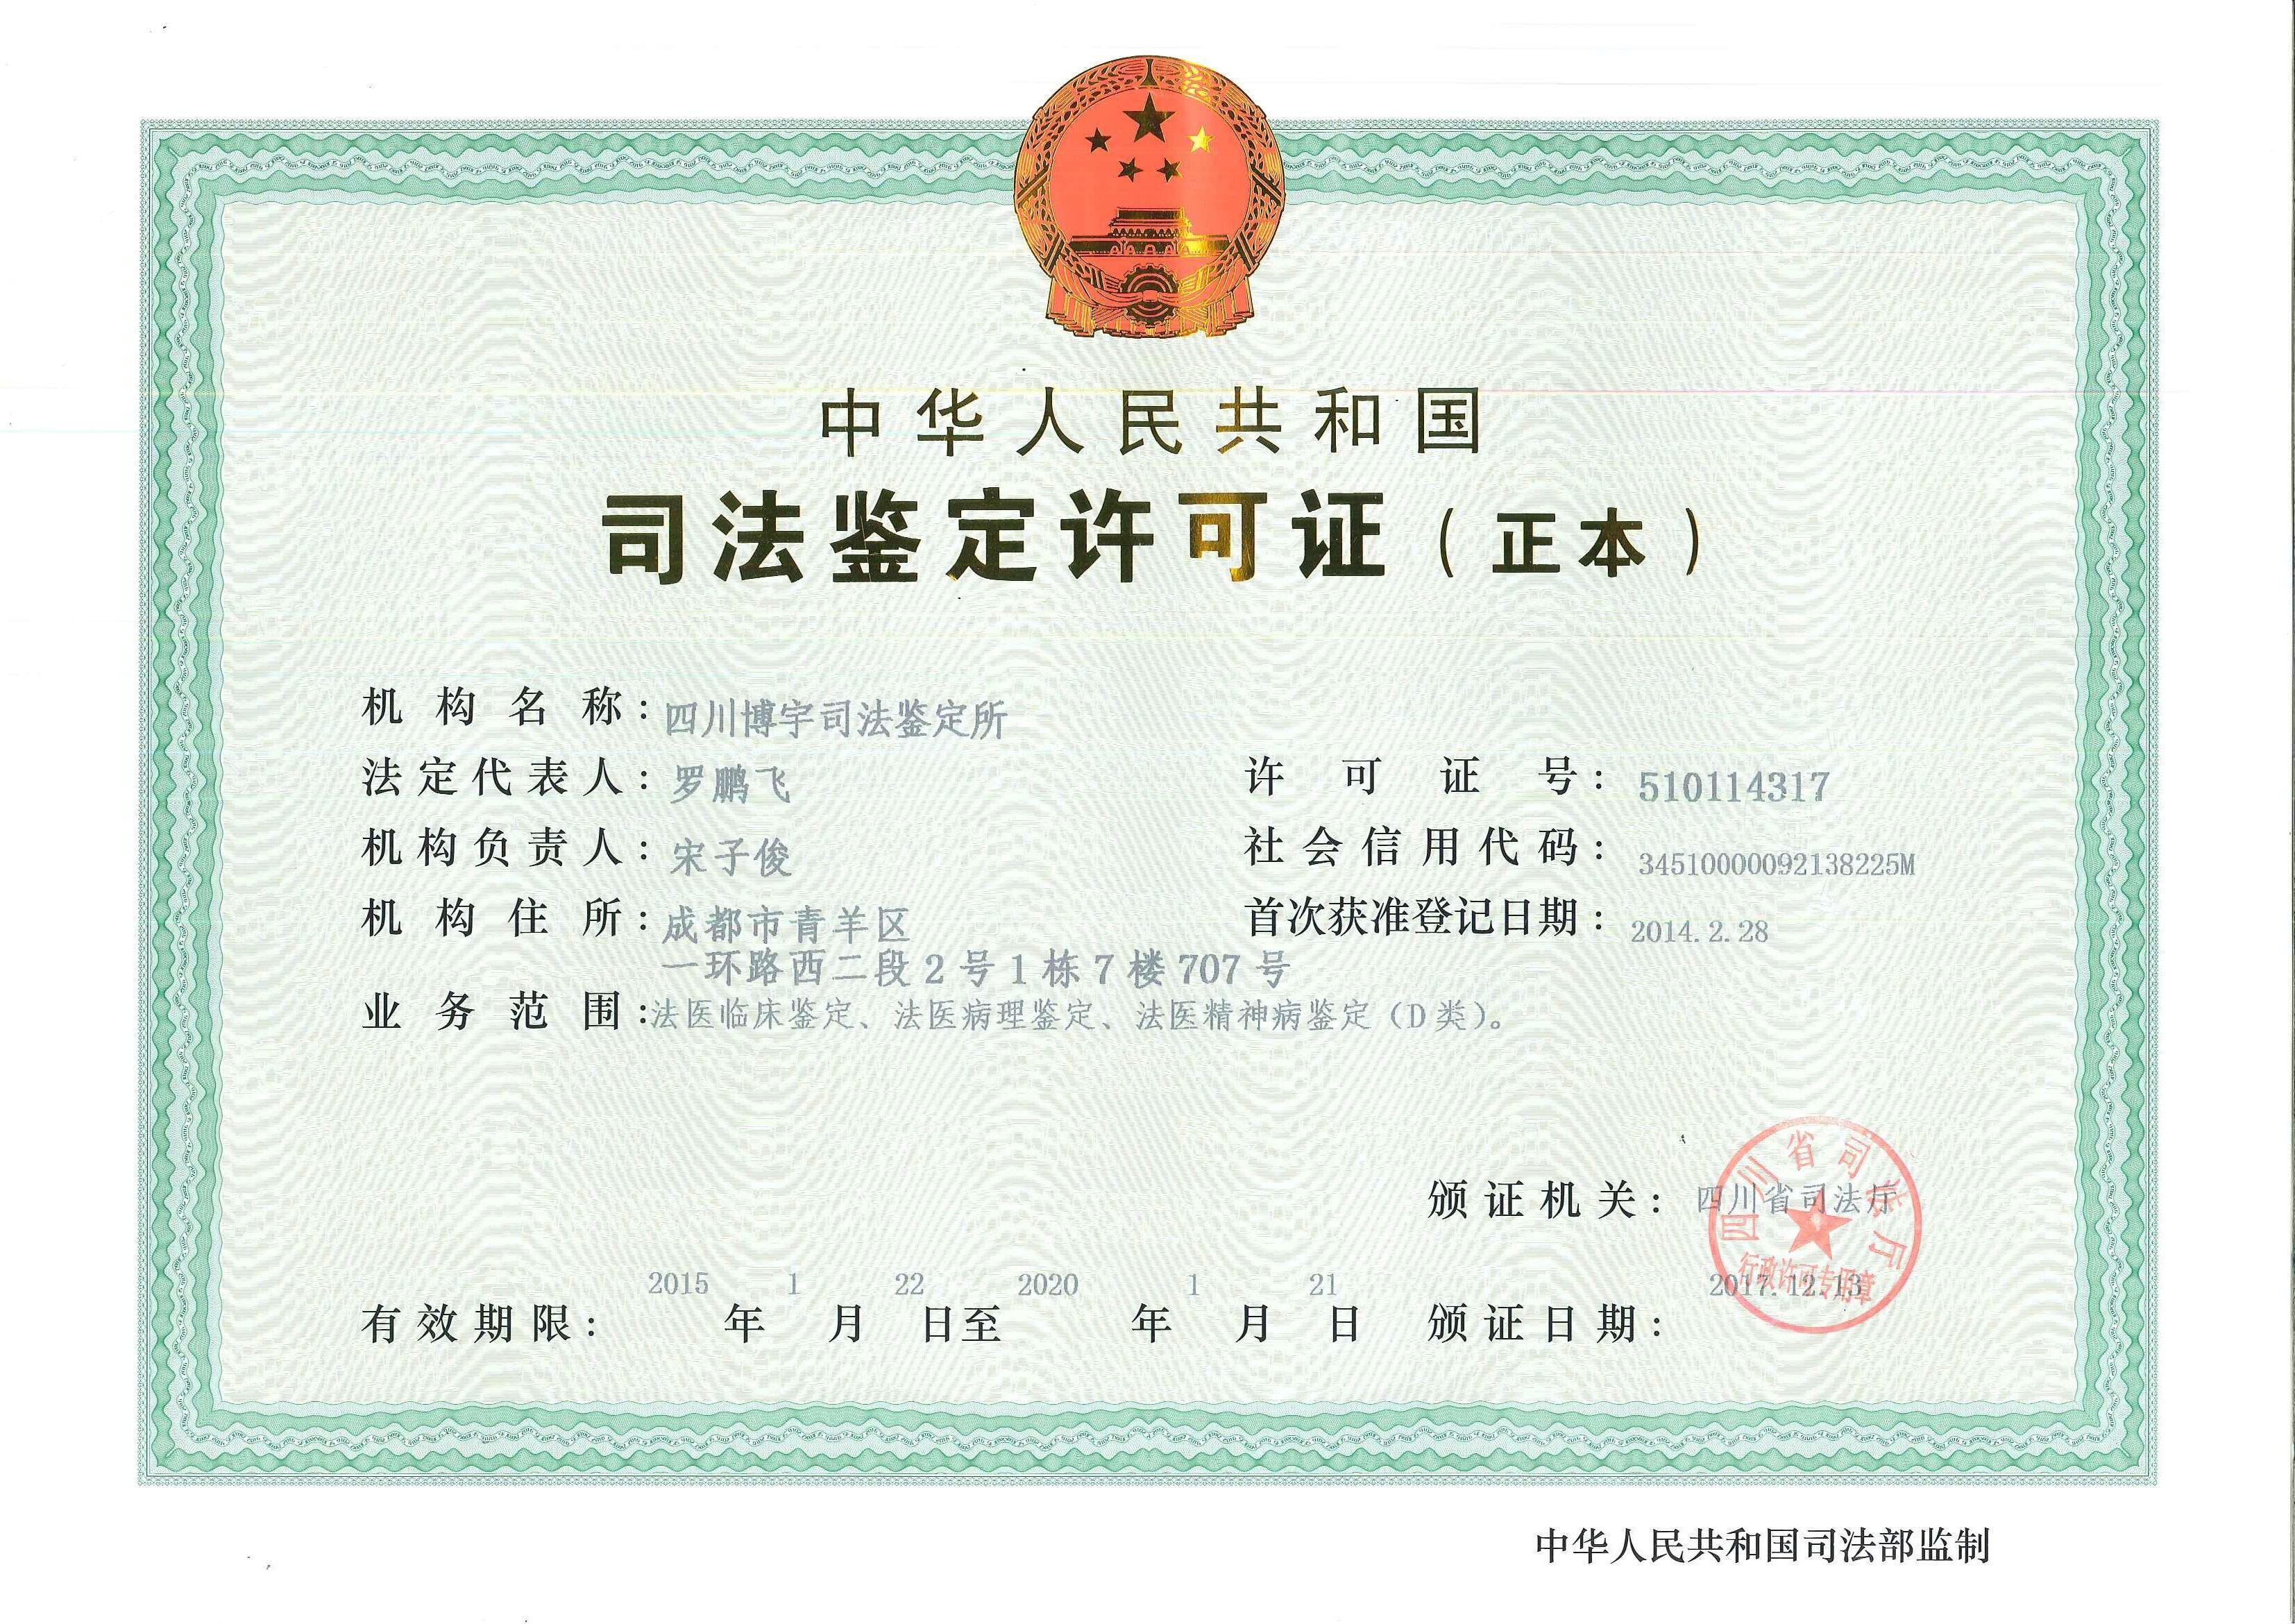 四川博宇司法鉴定所司法鉴定许可证